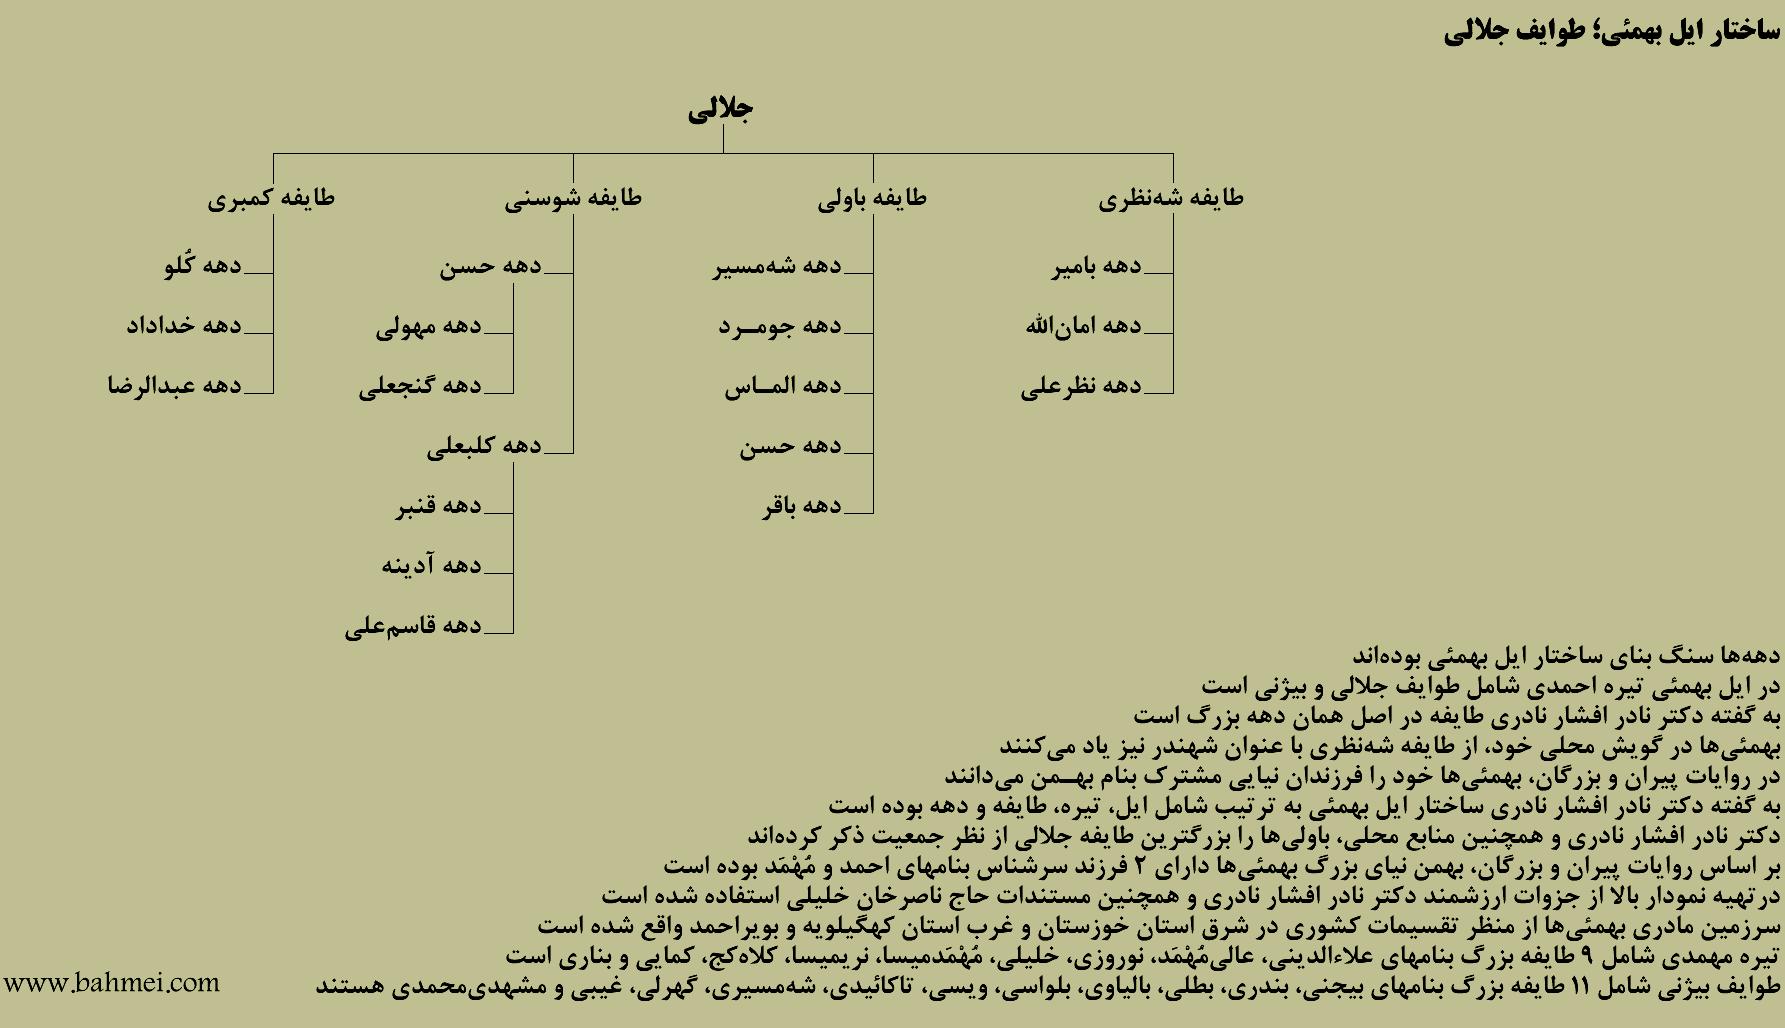 نمودار درختی طوایف جلالی بهمئی